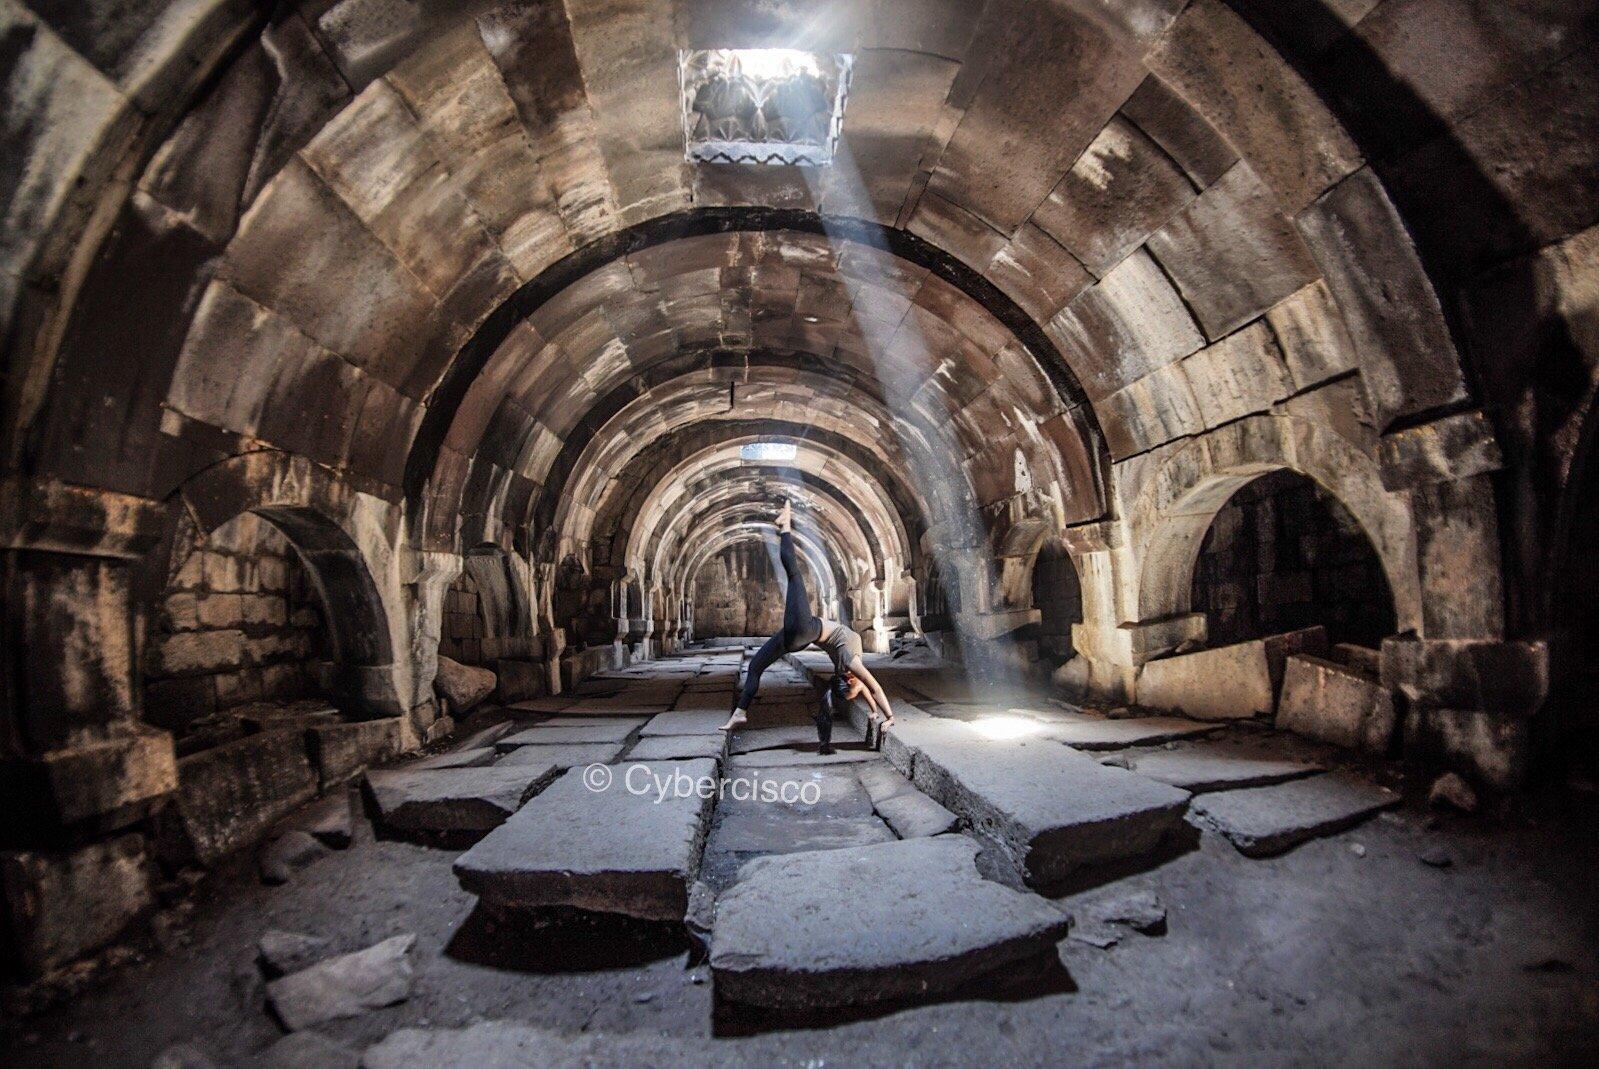 Abandoned caravanserai, Armenia